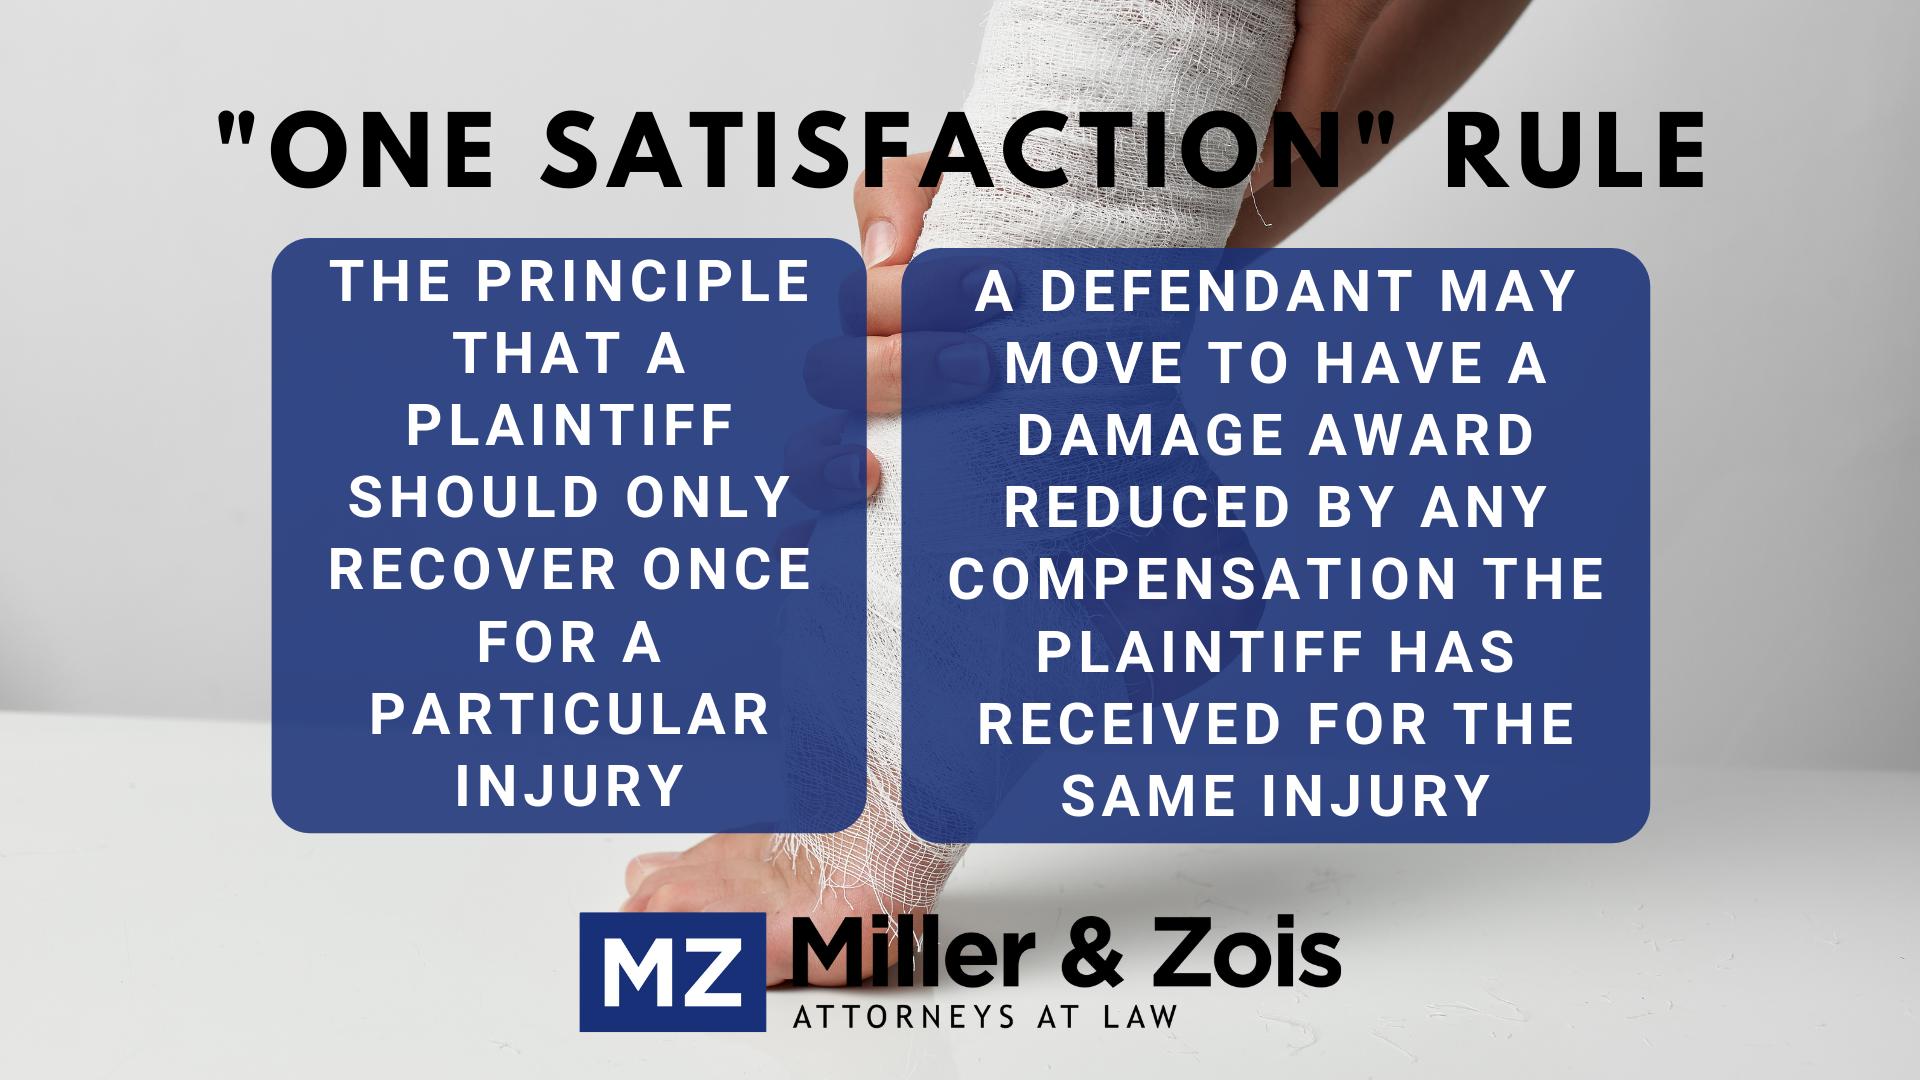 One satisfaction rule